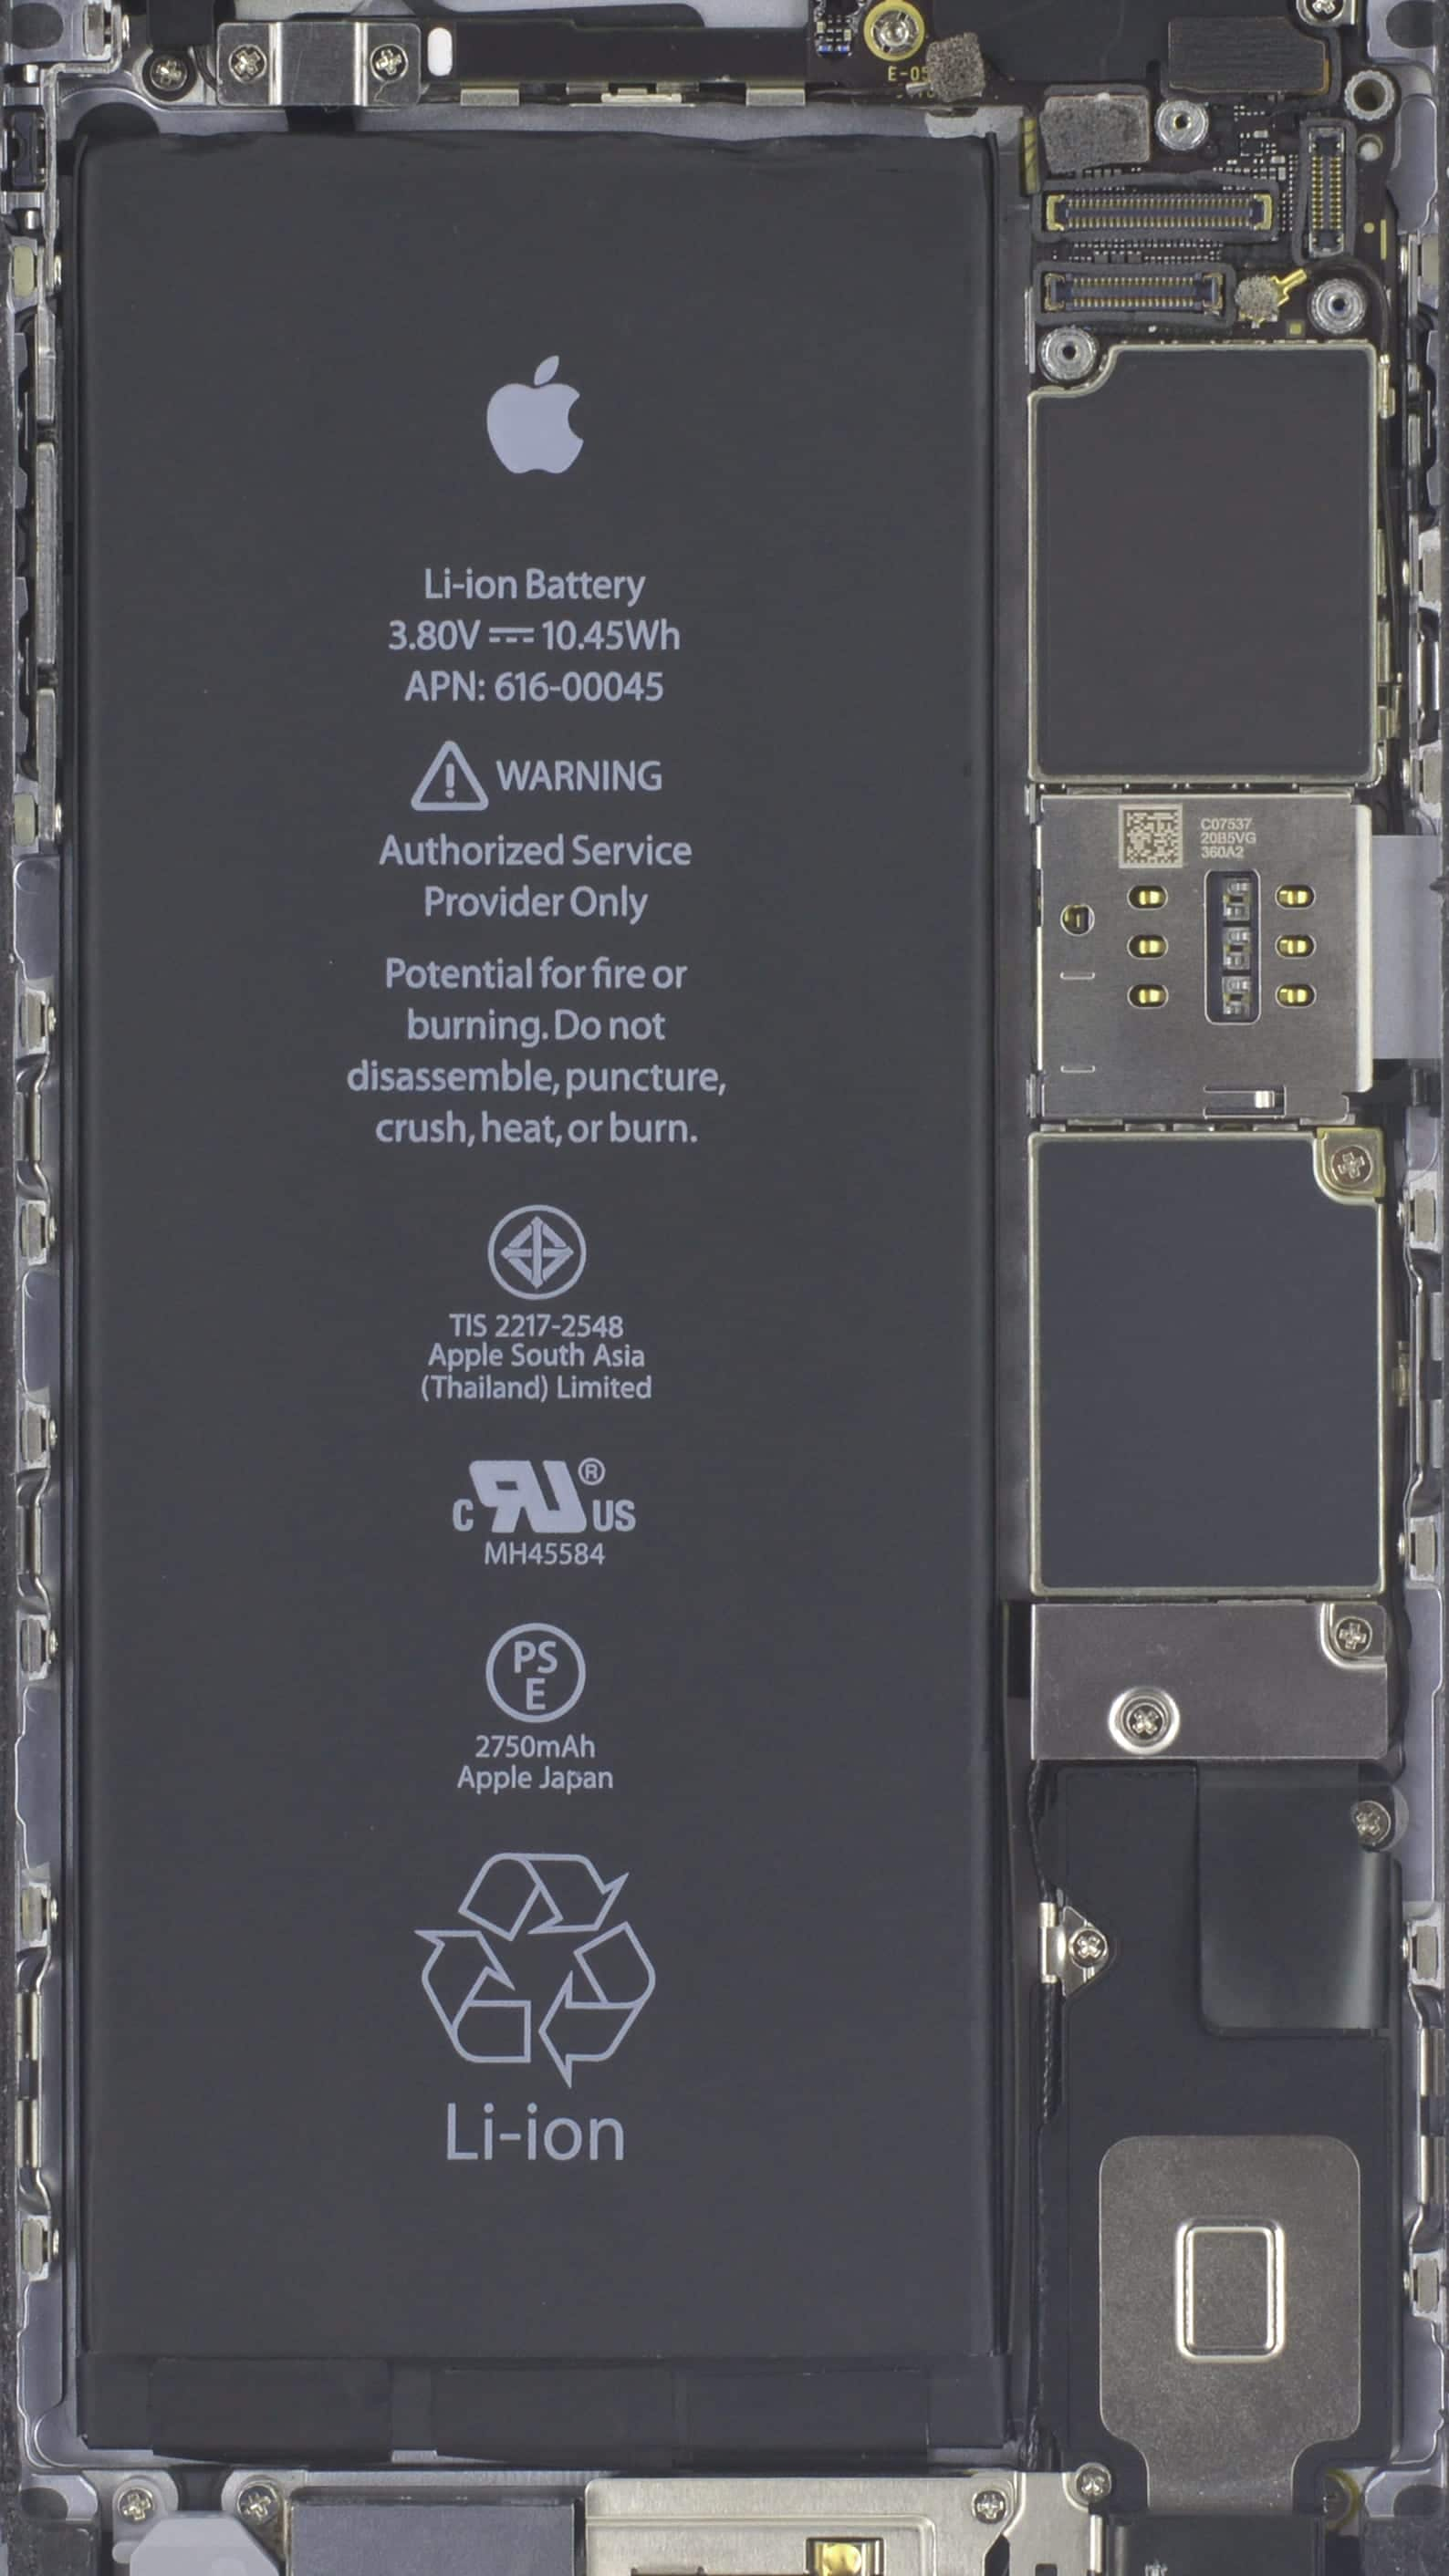 Cambia el fondo de tu iphone 7 para ver el hardware interior for Interior iphone 6